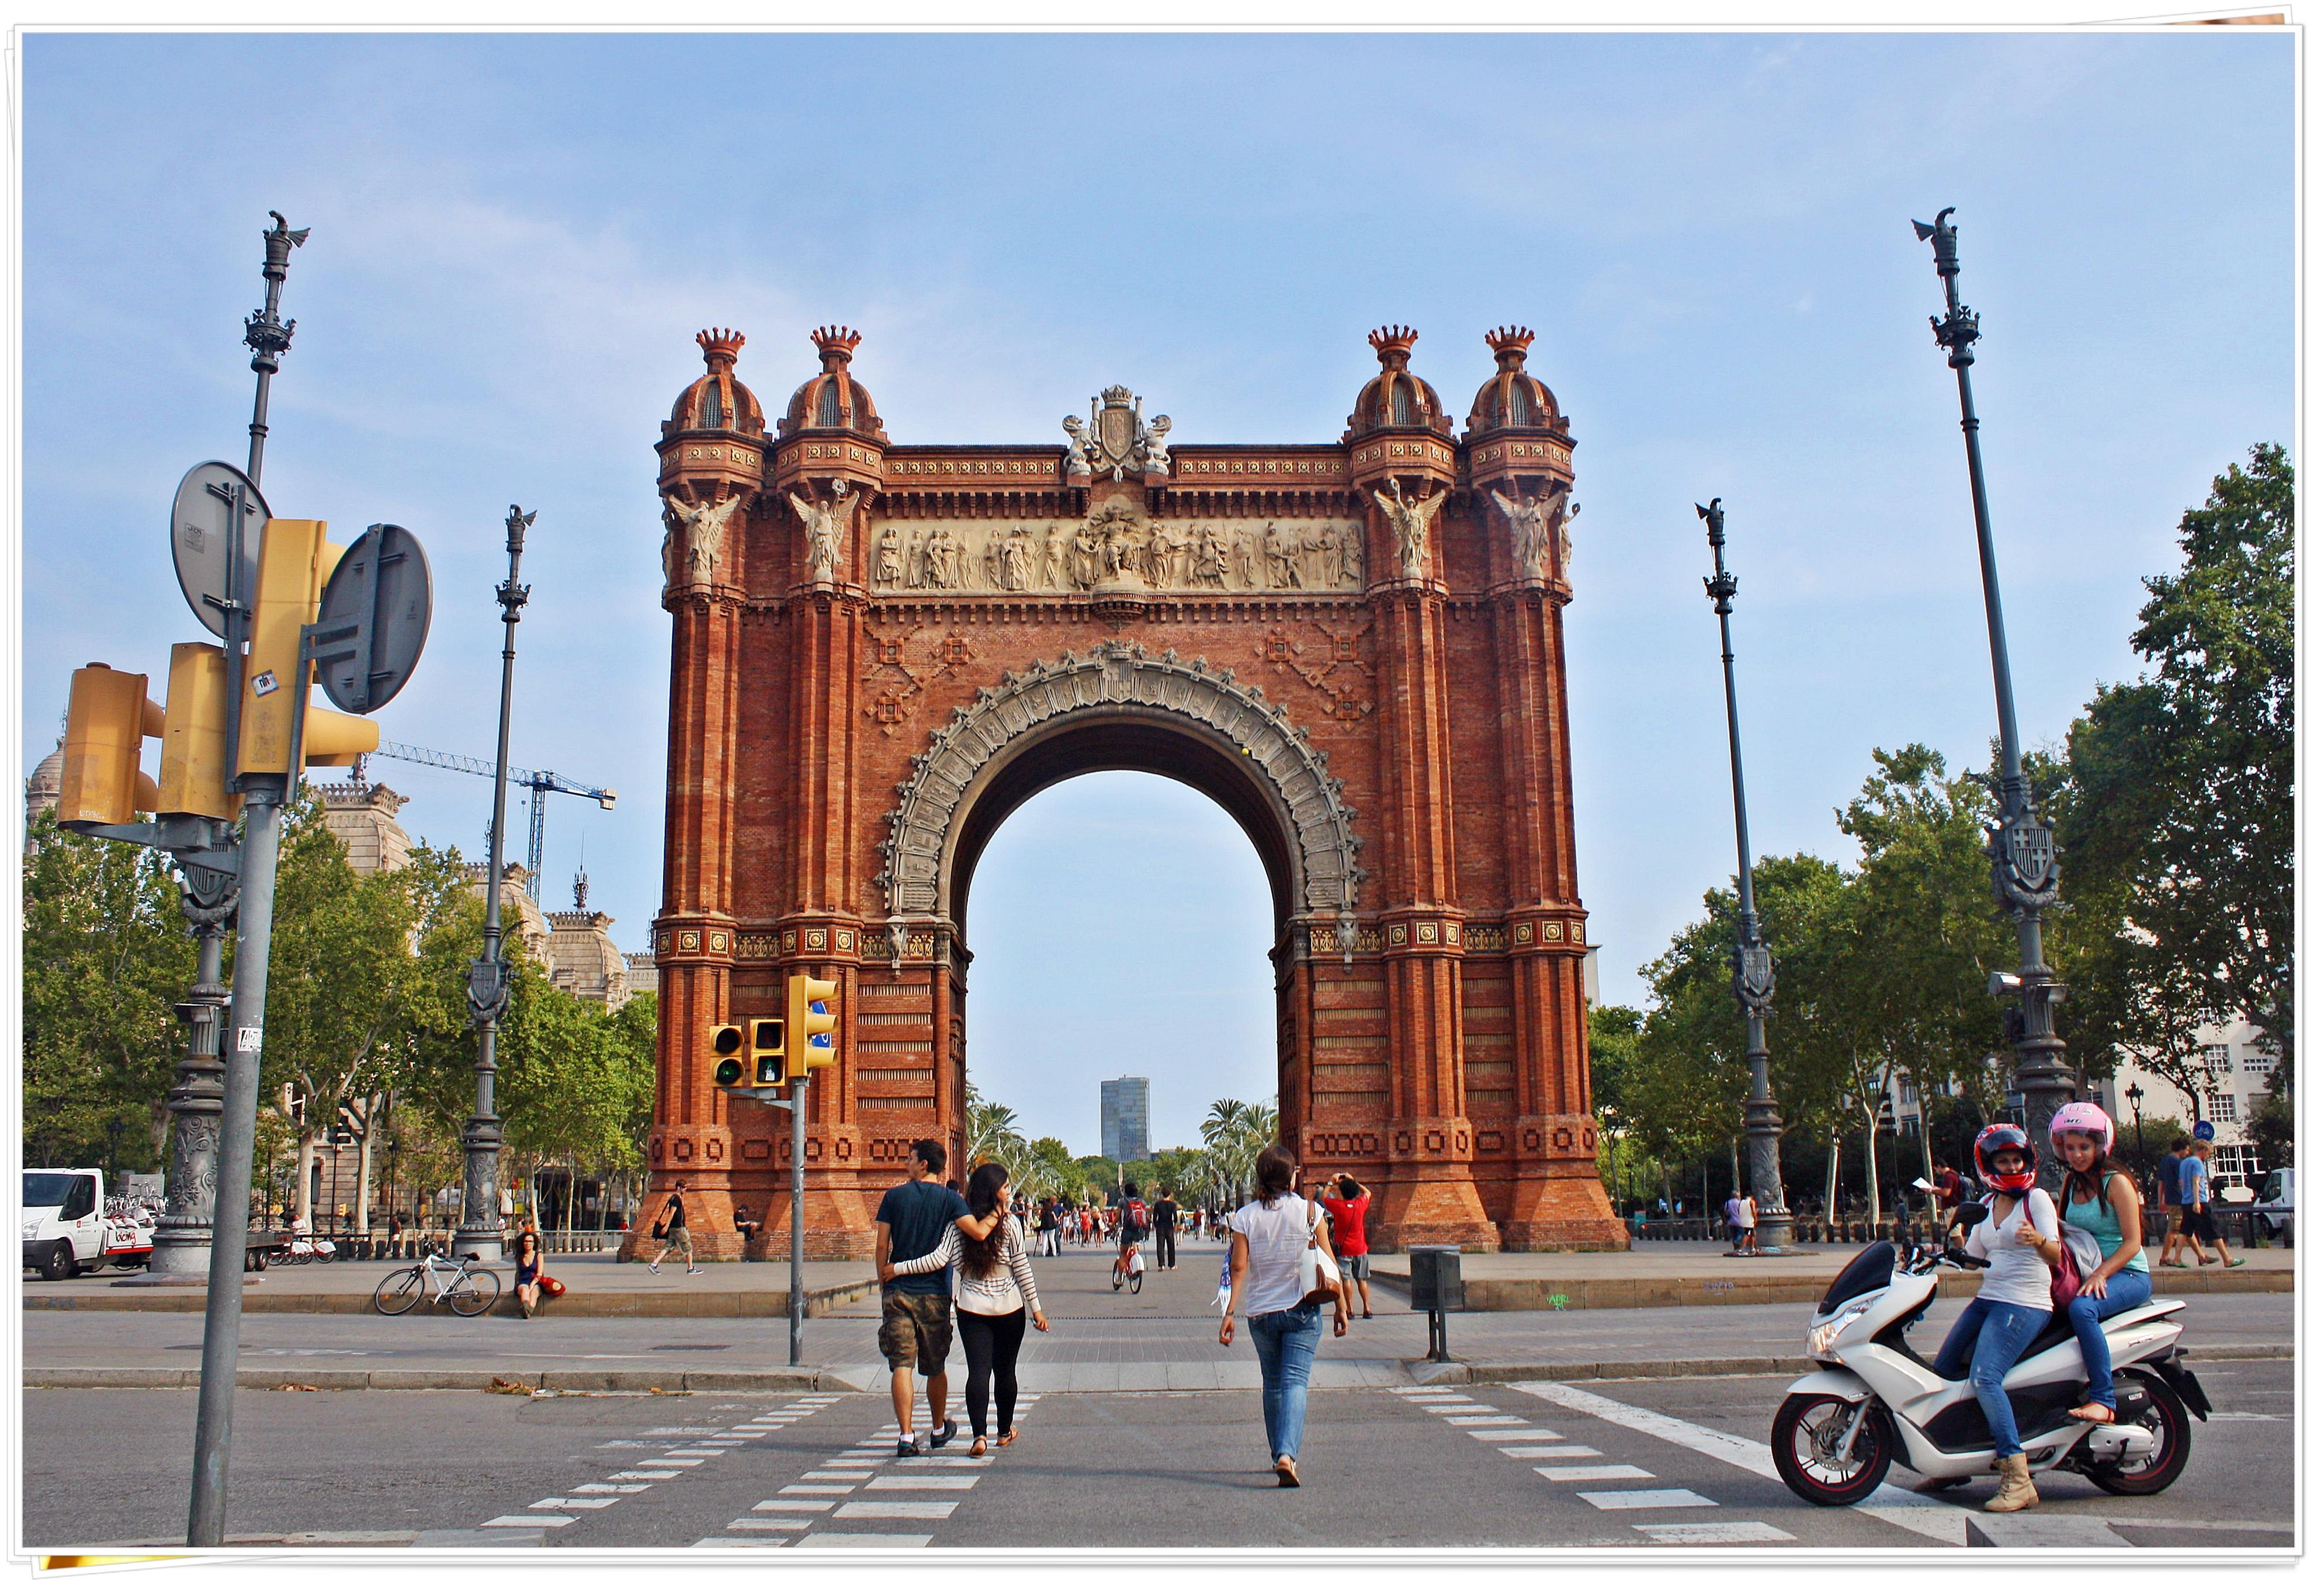 Arc de Triomf - Barcelona, Spain 2013